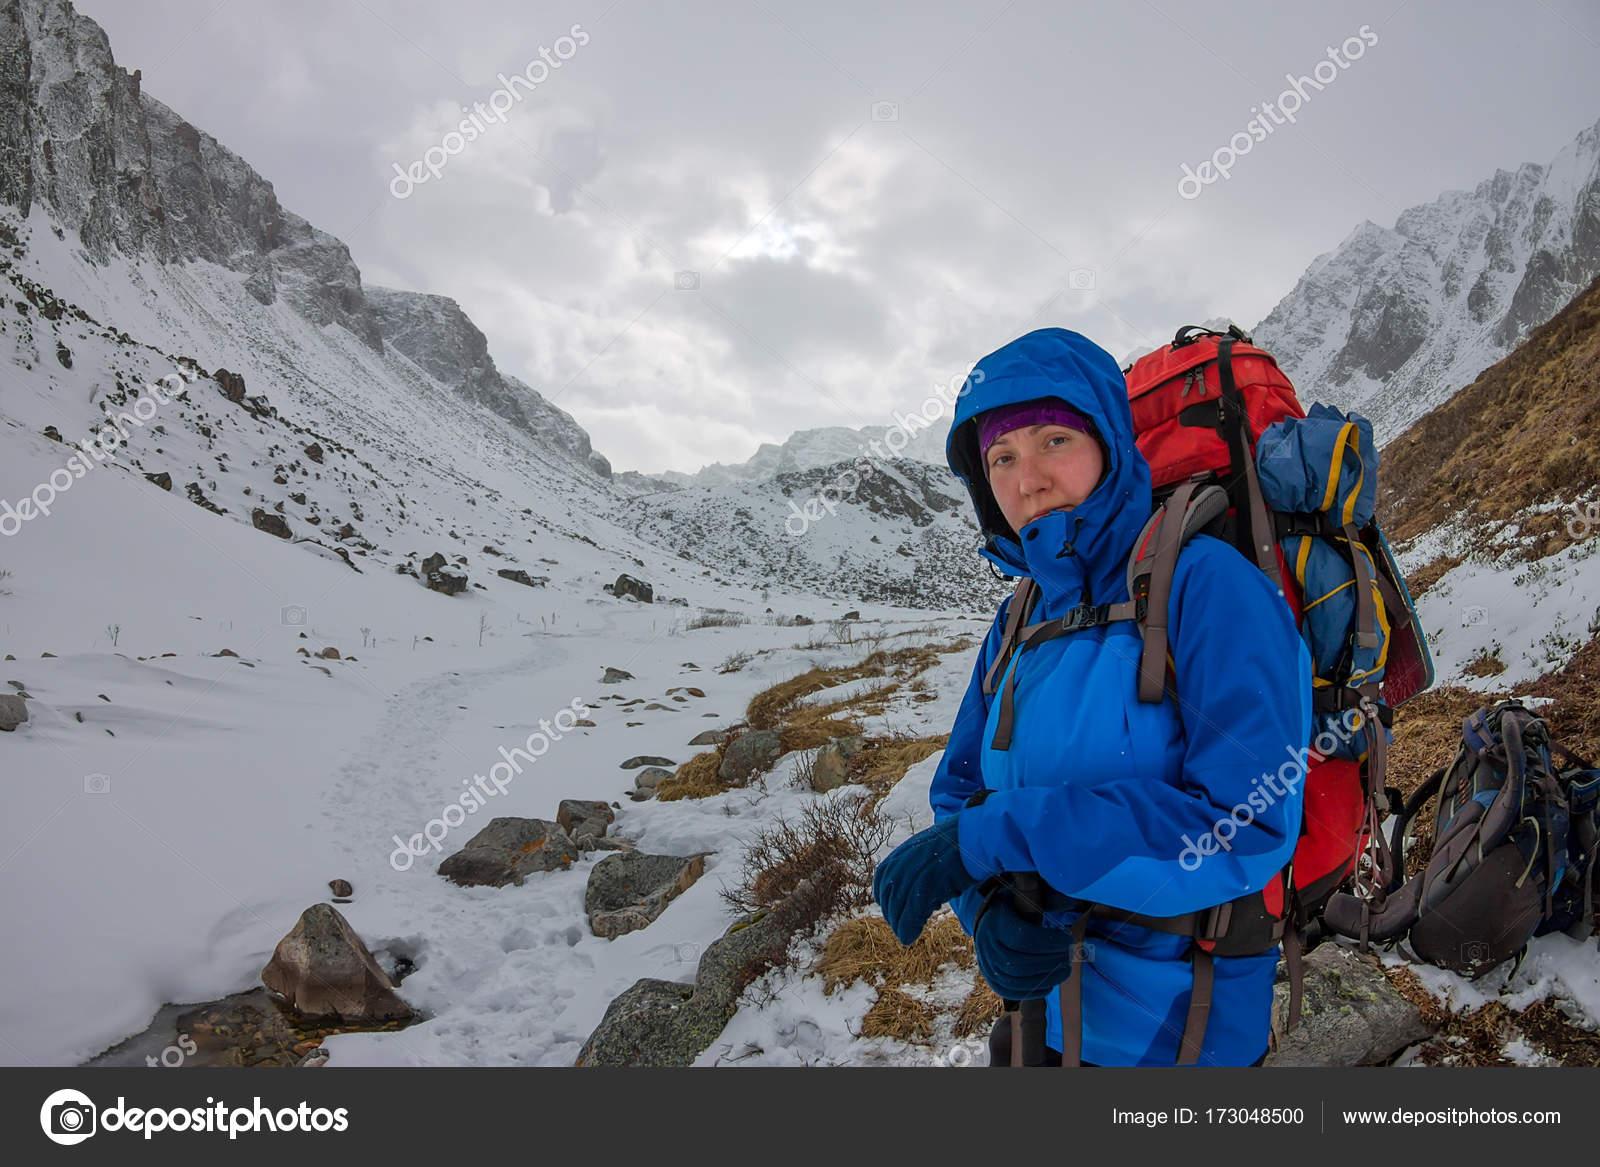 Klettergurt Für Gletscher : Weibliche bergsteiger mit rucksack helm und klettergurt